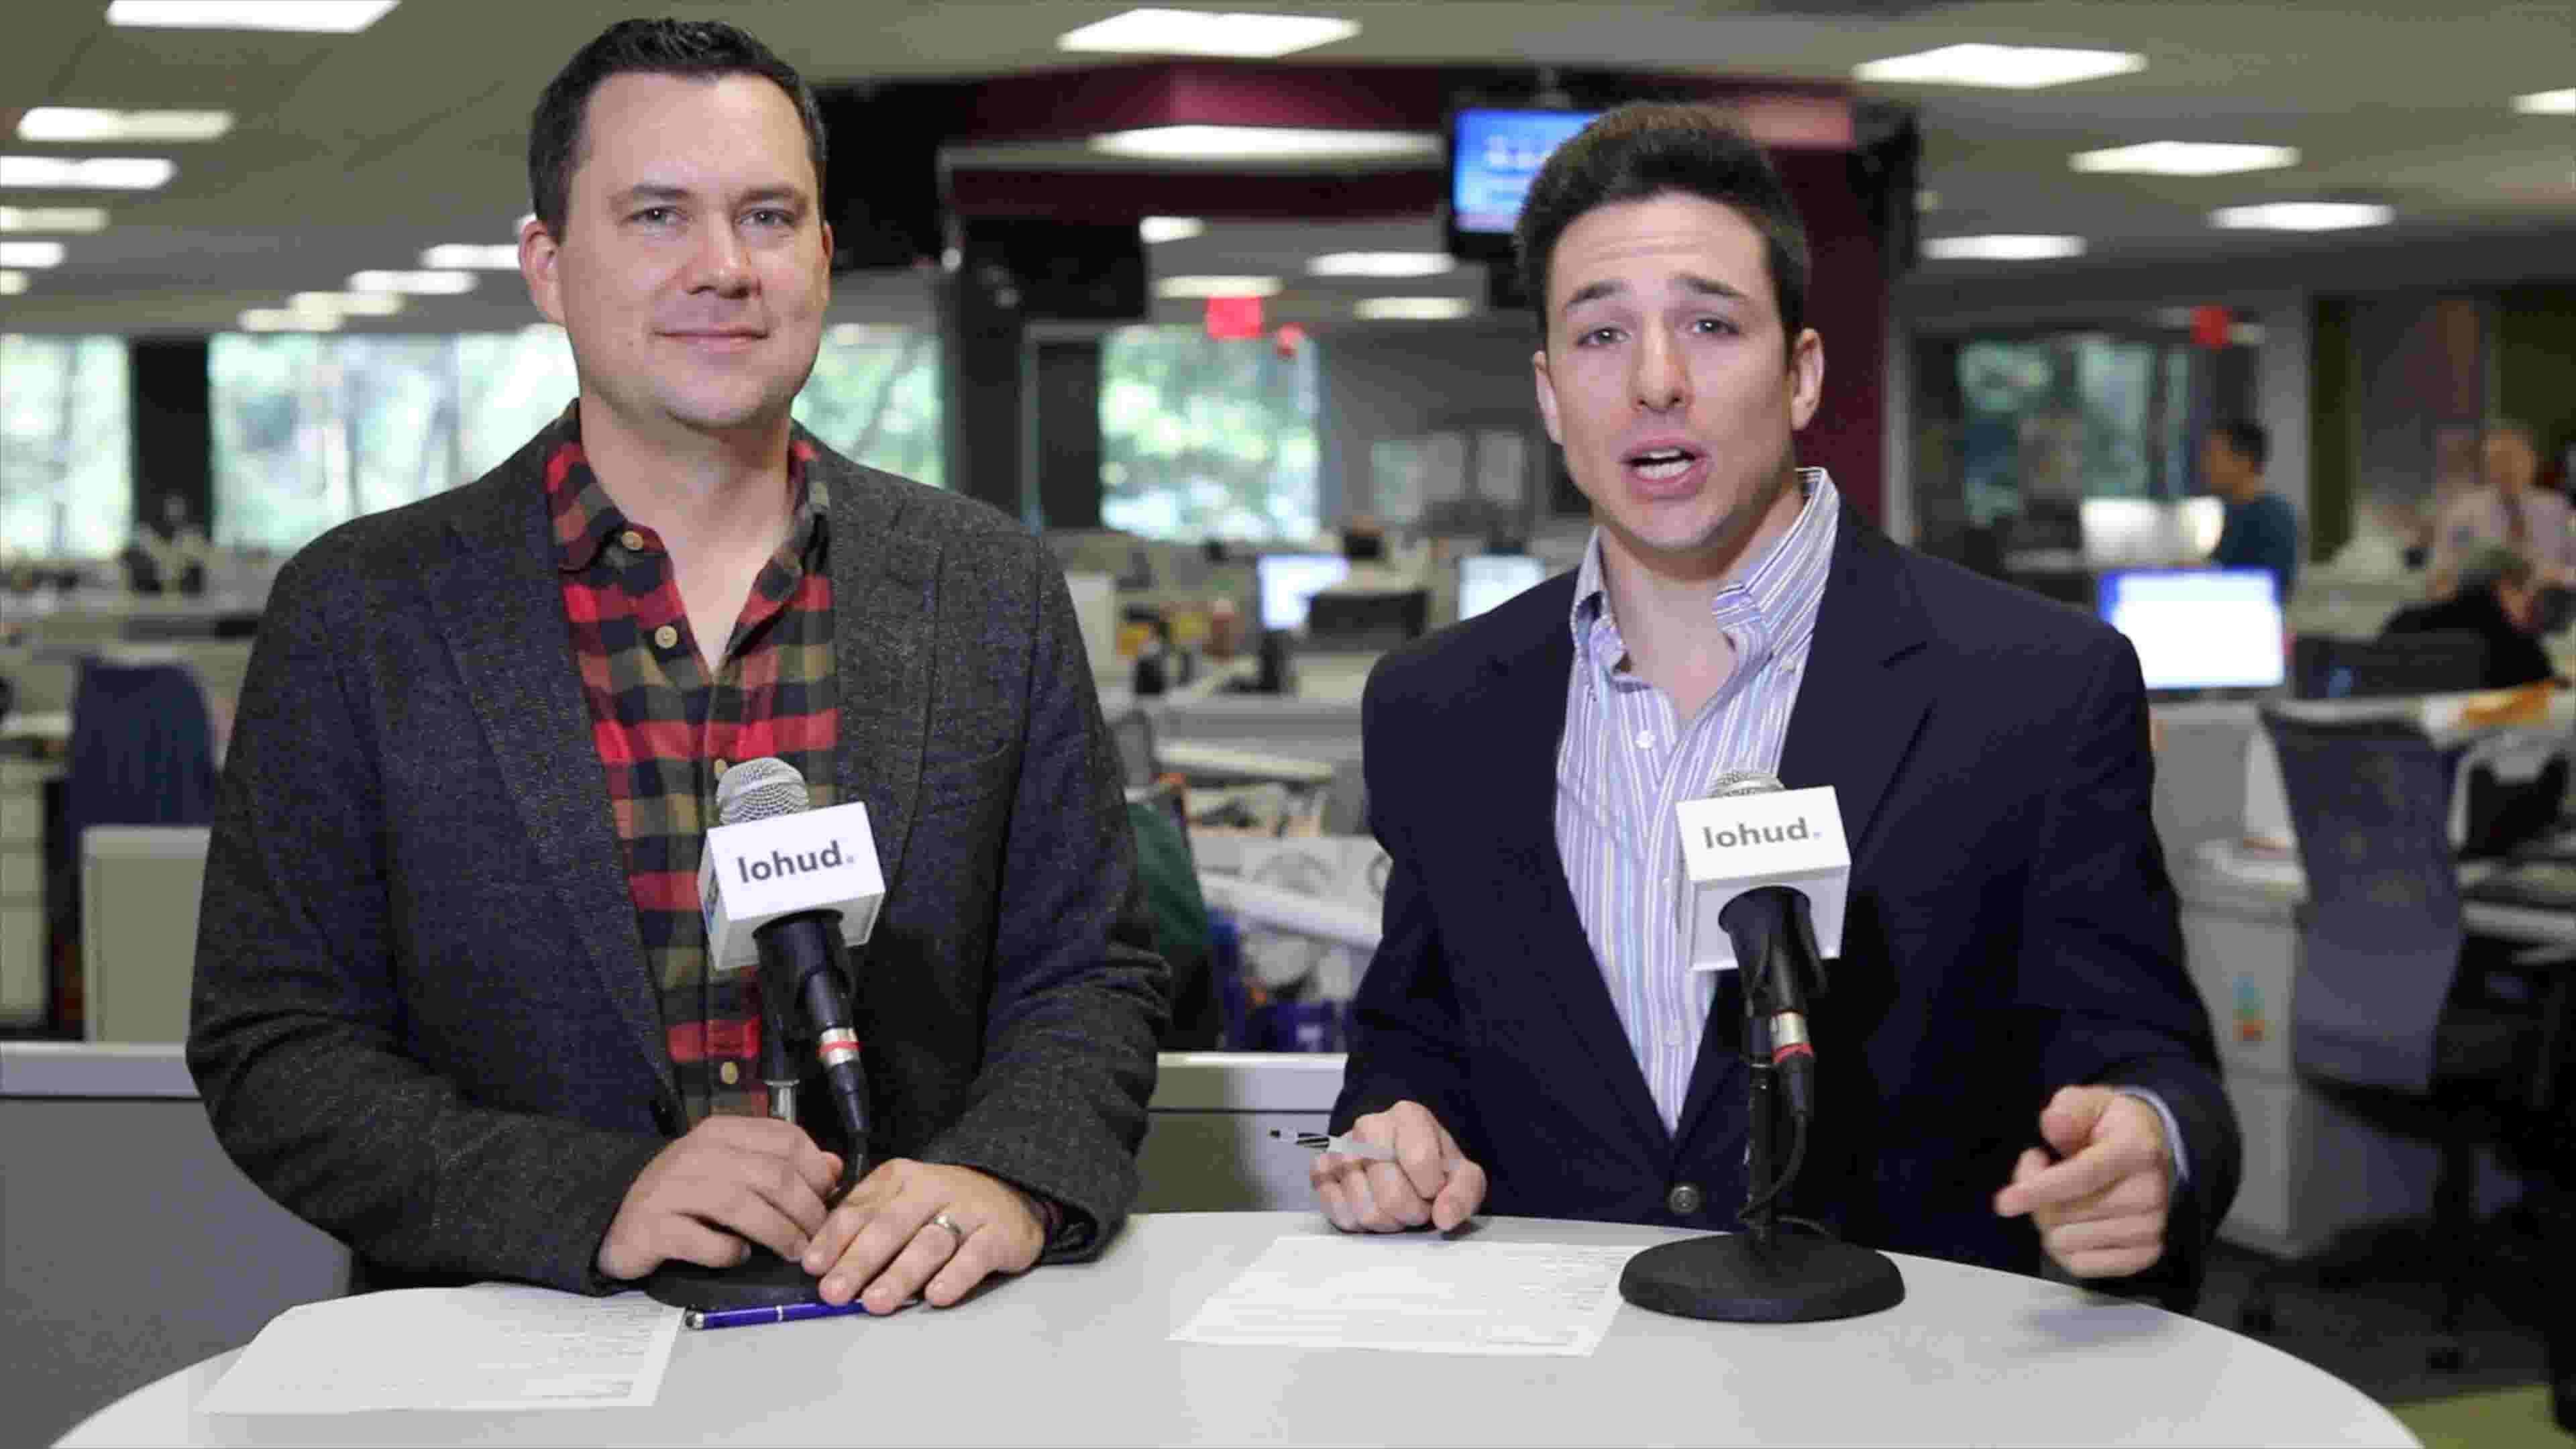 Video: lohud's Week 8 football predictions